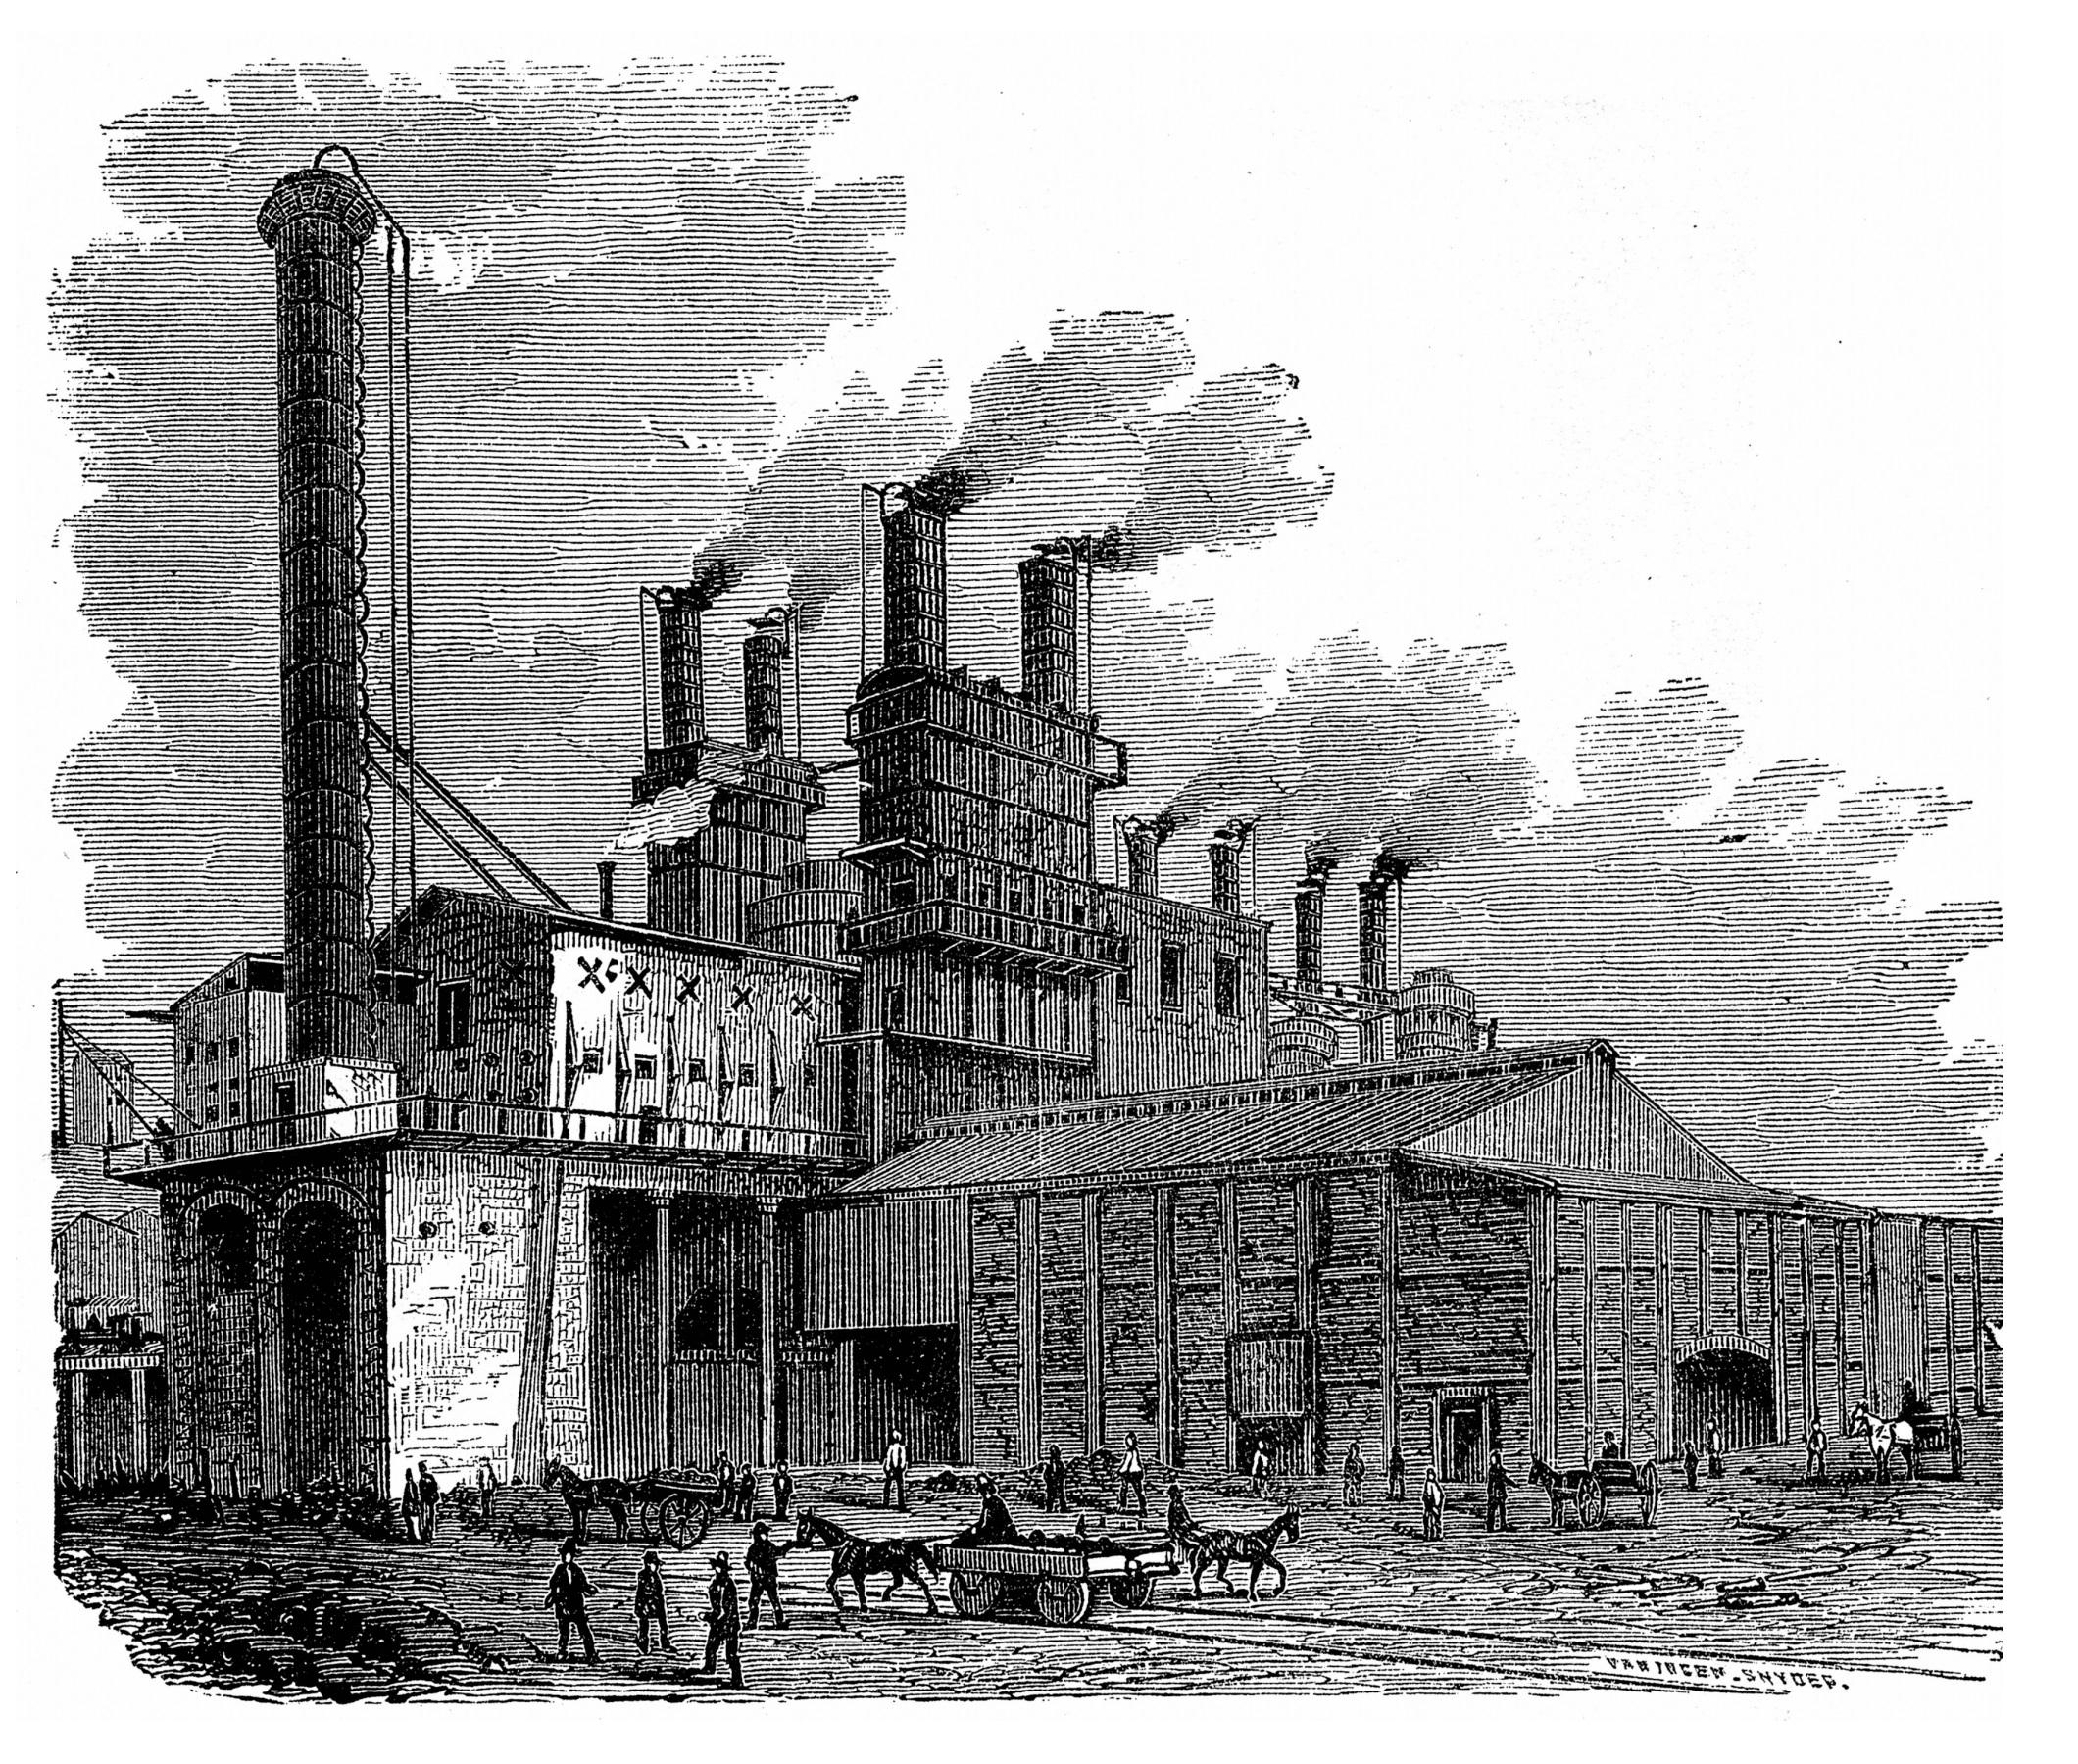 La Segunda Revolución Industrial e Imperialismo